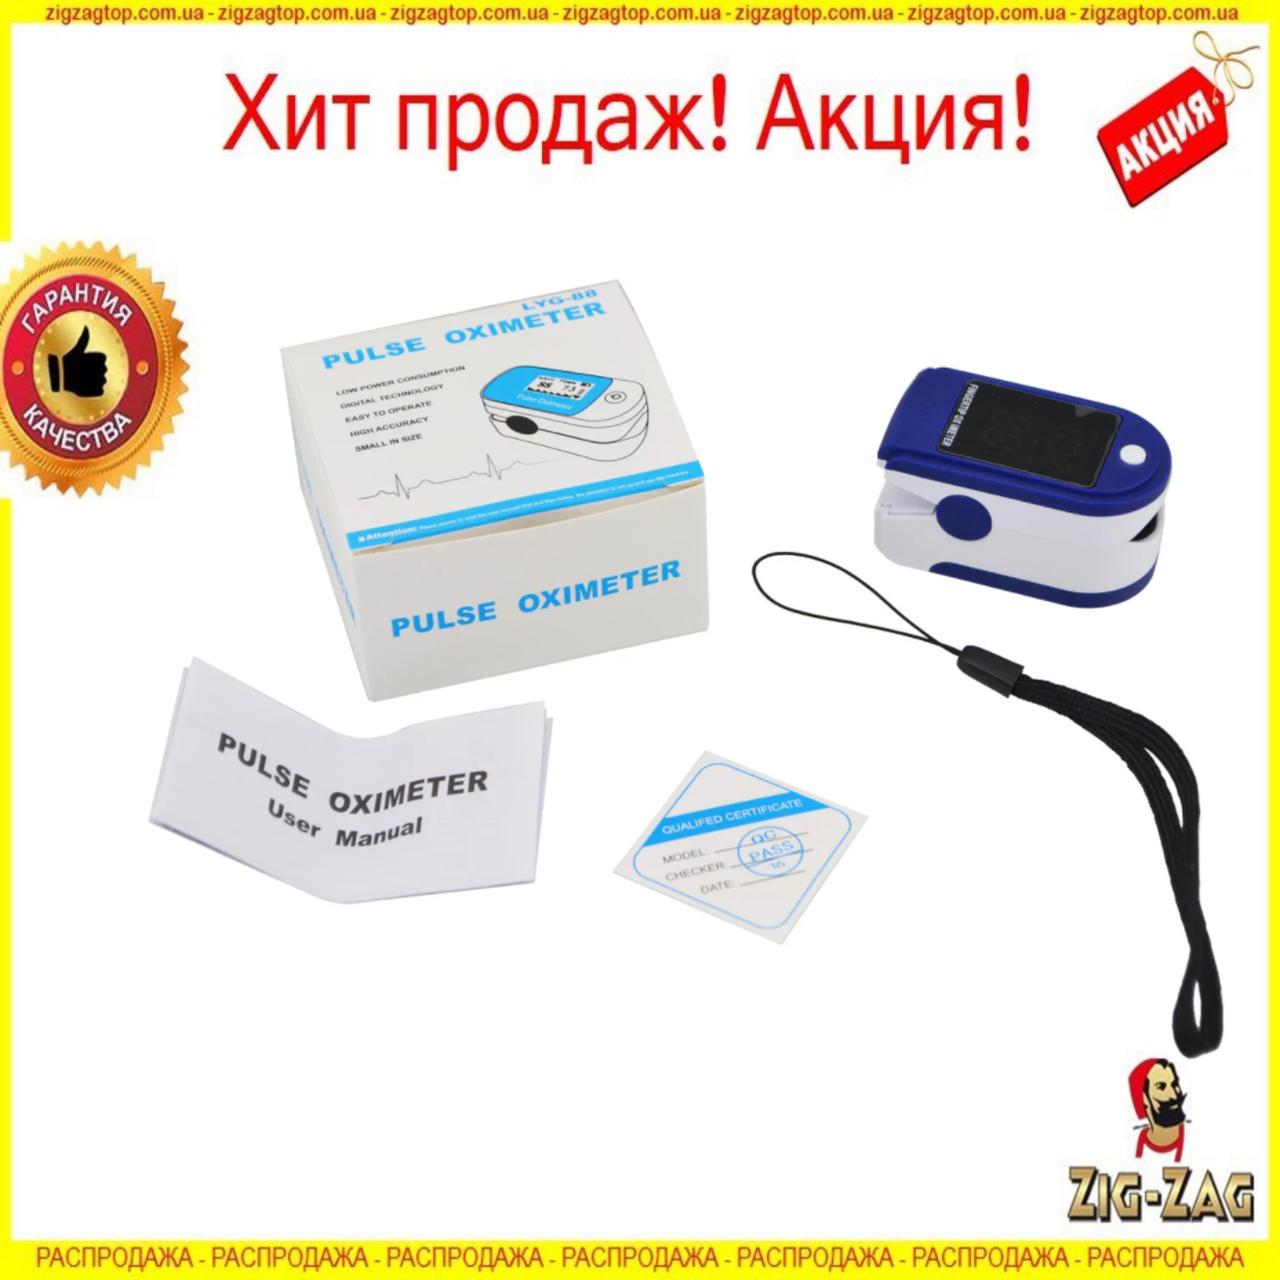 Пульсометр Оксиметр на палец LYG-88 Электронный пульсоксиметр Портативный для Измерения Кислорода в Крови ТОП